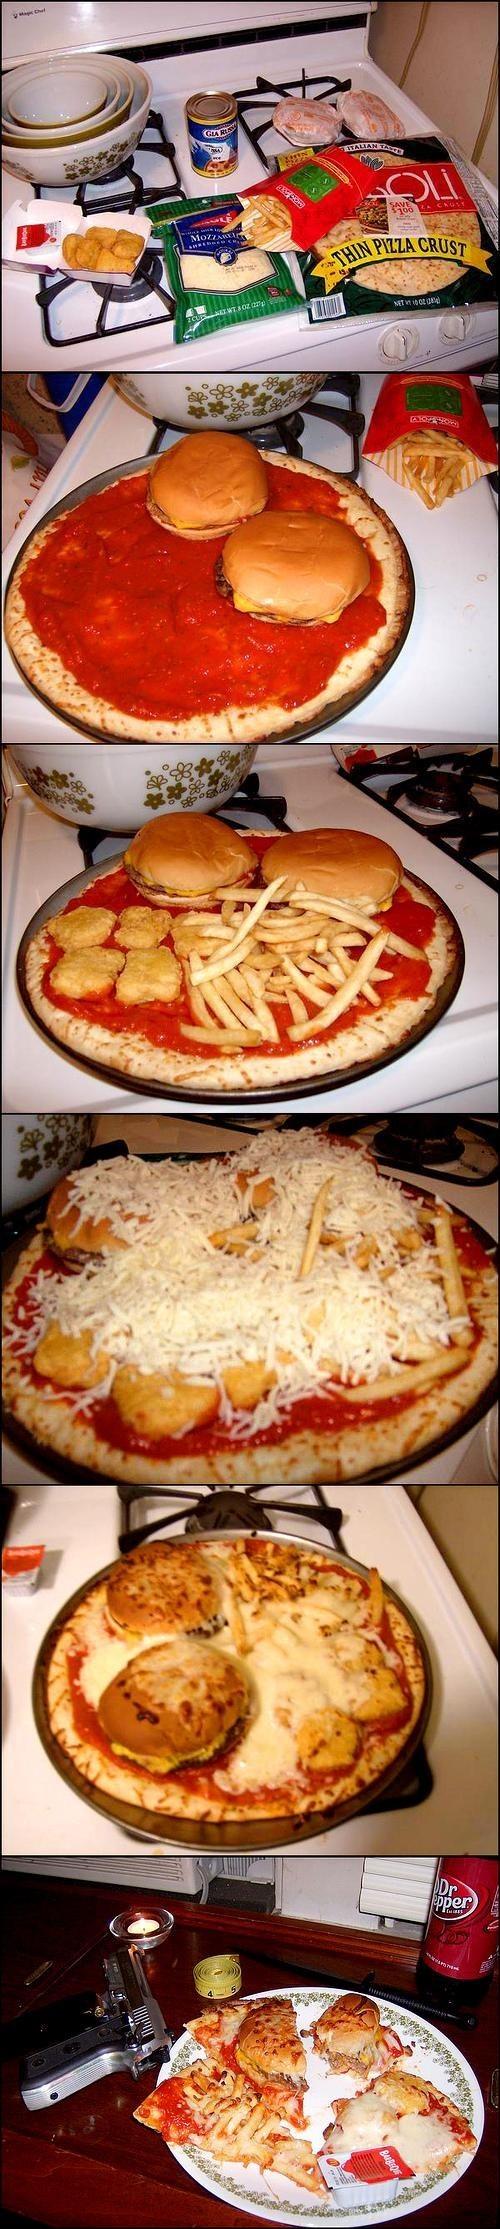 Les pizzas-hamburgers. Pourquoi?